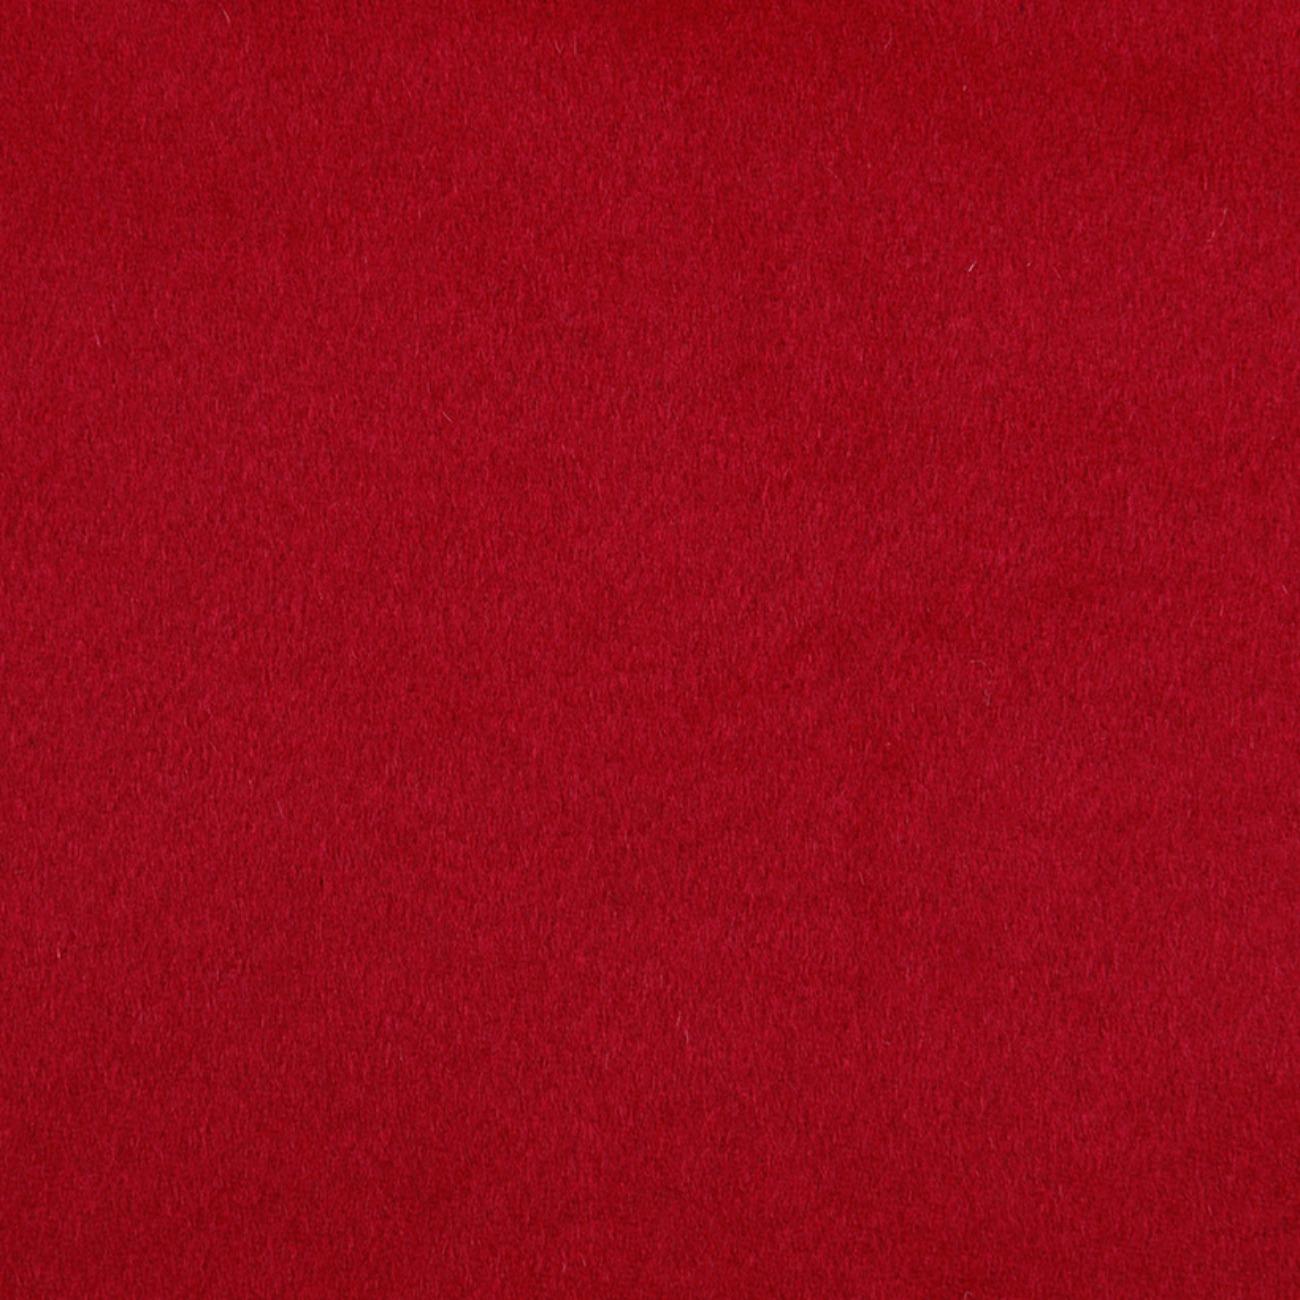 雙面羊絨 素色 梭織 雙面 無彈 大衣 外套 厚 柔軟 細膩 絨感 男裝 女裝 童裝 秋冬 羊毛 71019-5